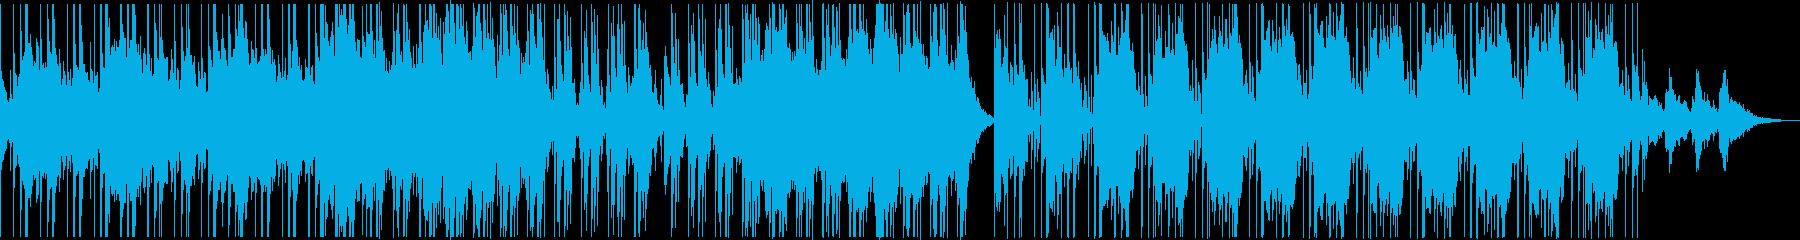 幻想的なベルとシンセとディープなリズムの再生済みの波形